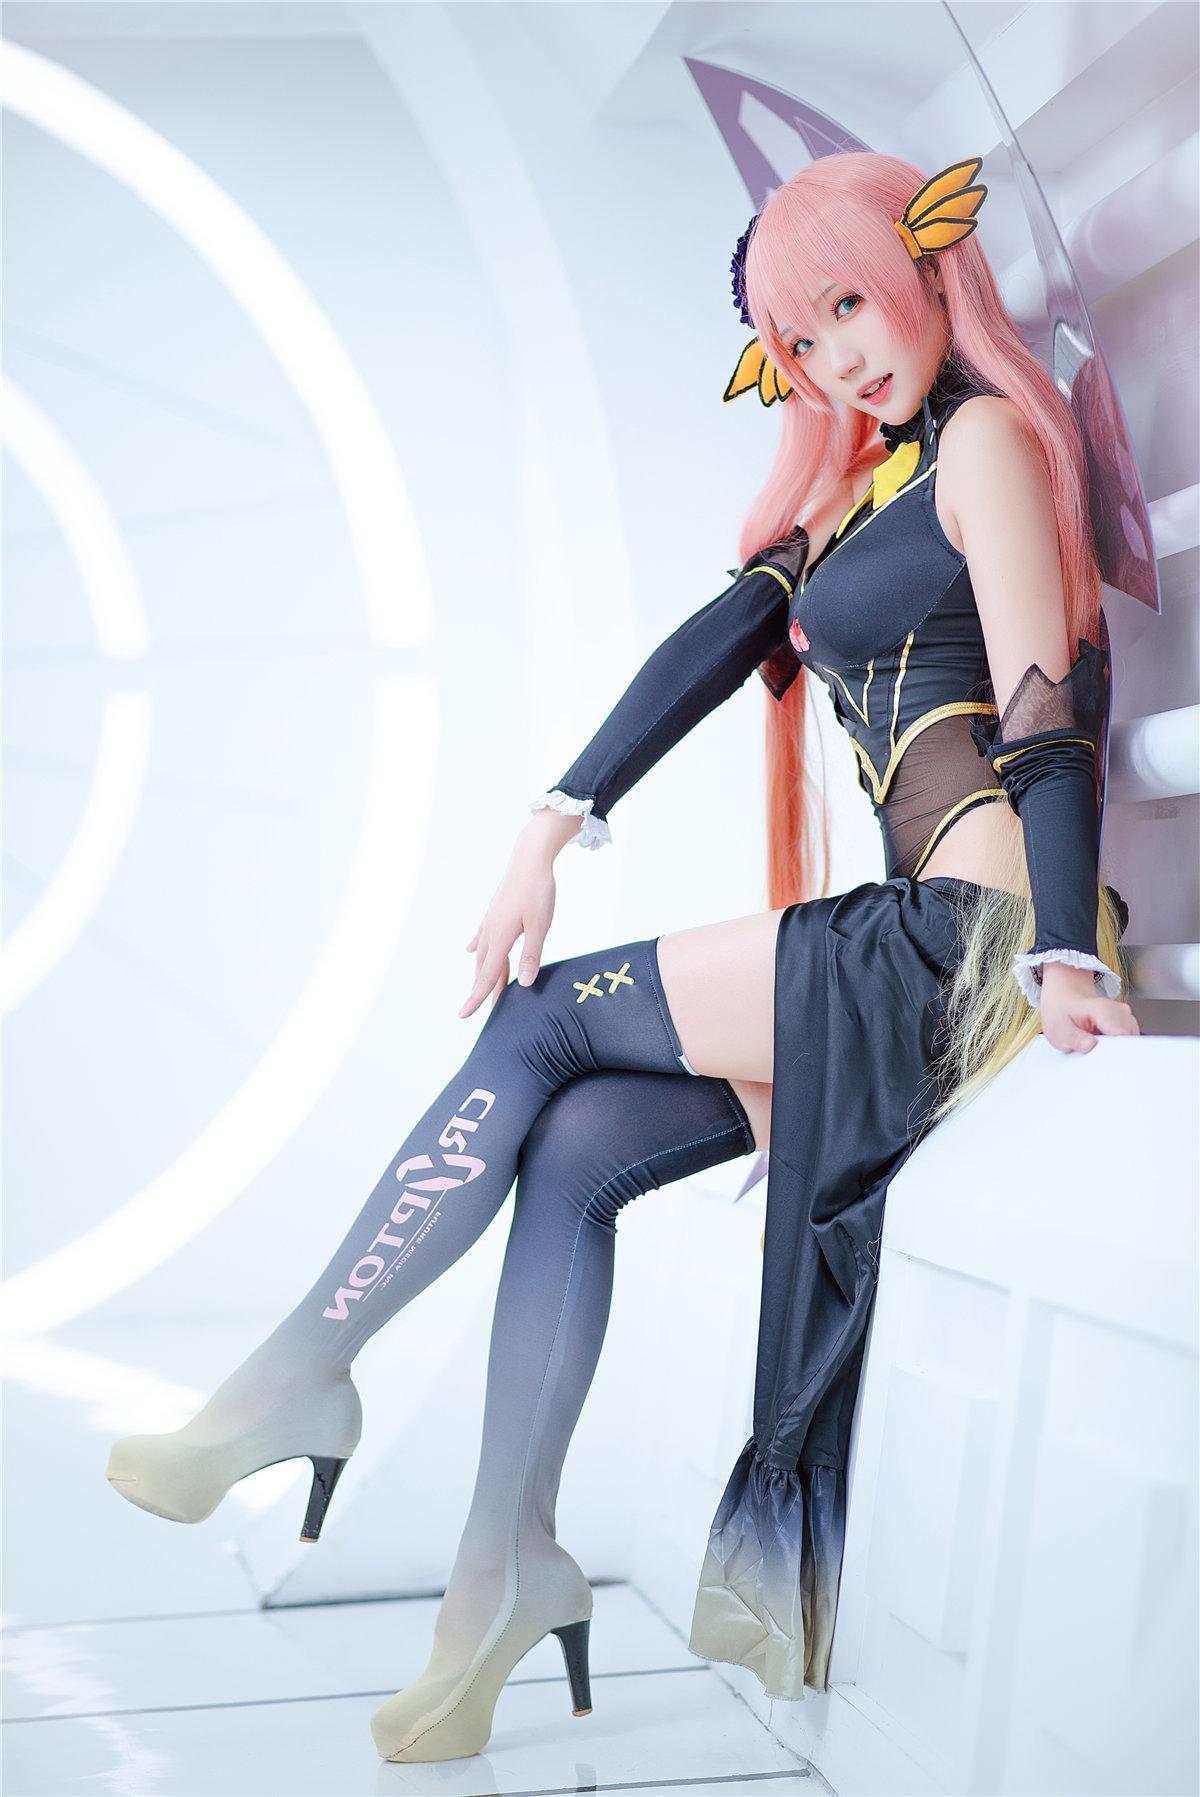 cosplay 瓜希酱_LUKA赛车娘 发现美